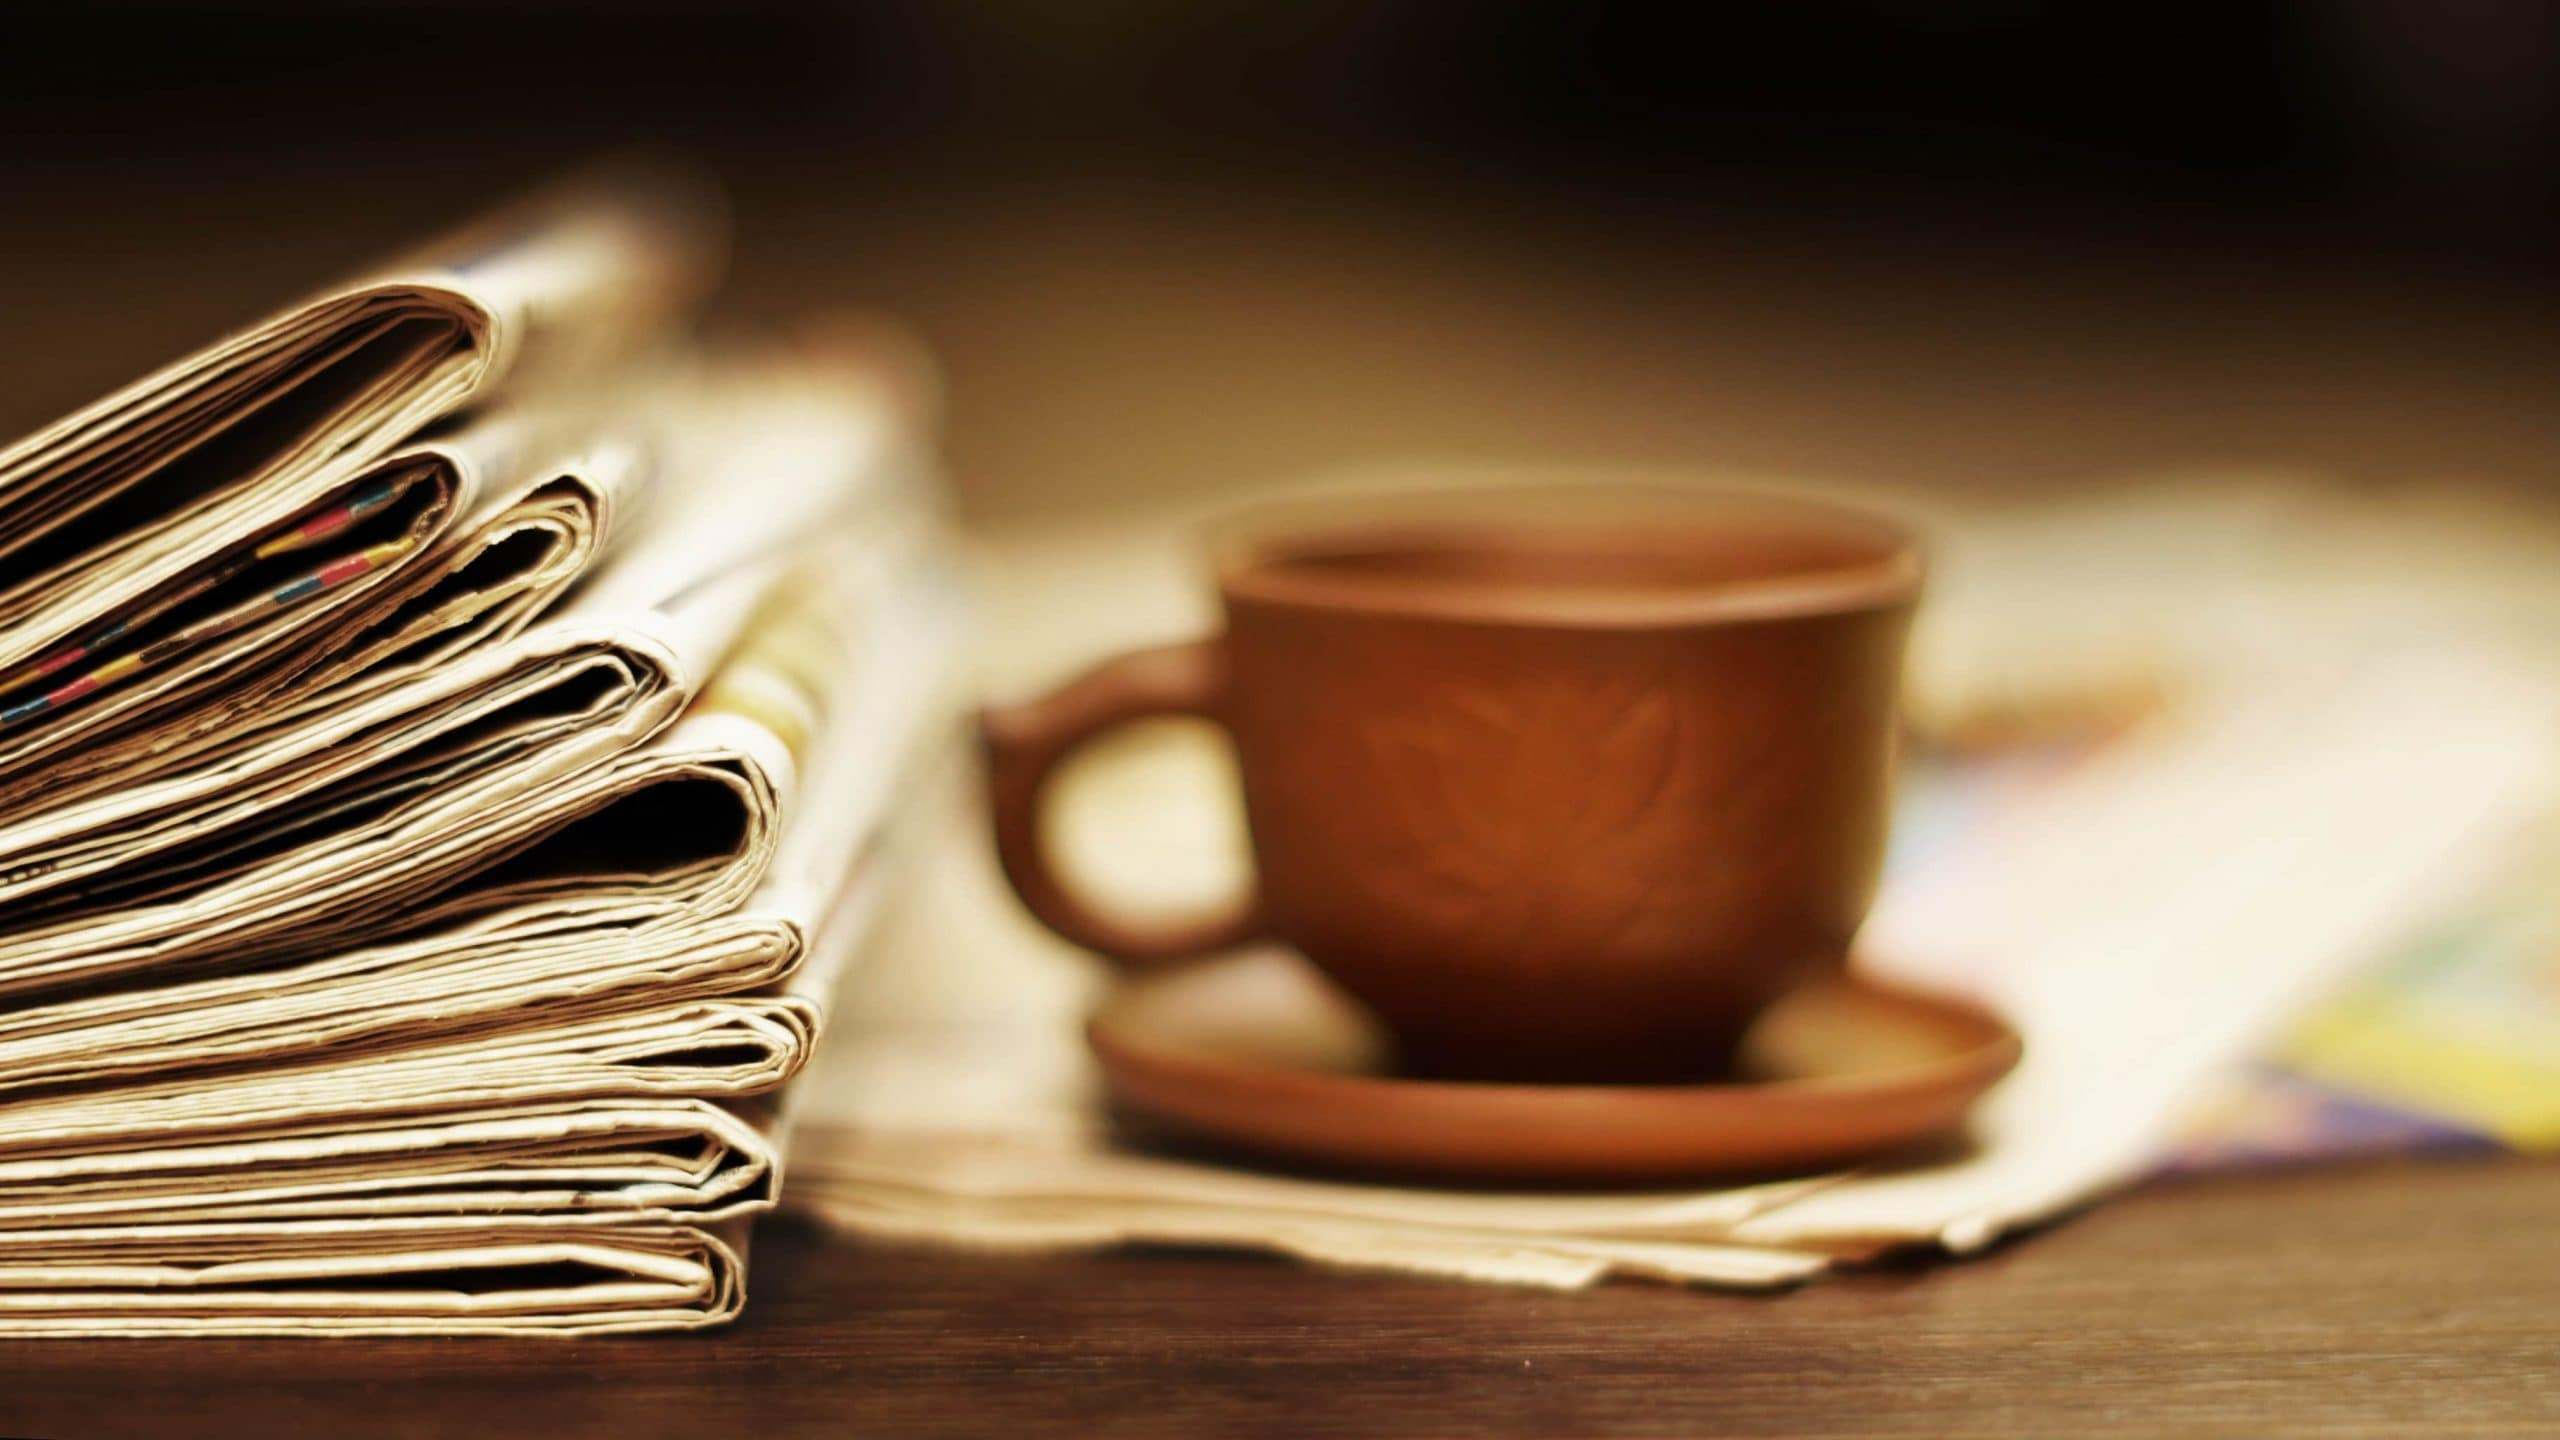 Braune Kaffeetasse steht auf einem Tisch neben einem Stapel Zeitungen.